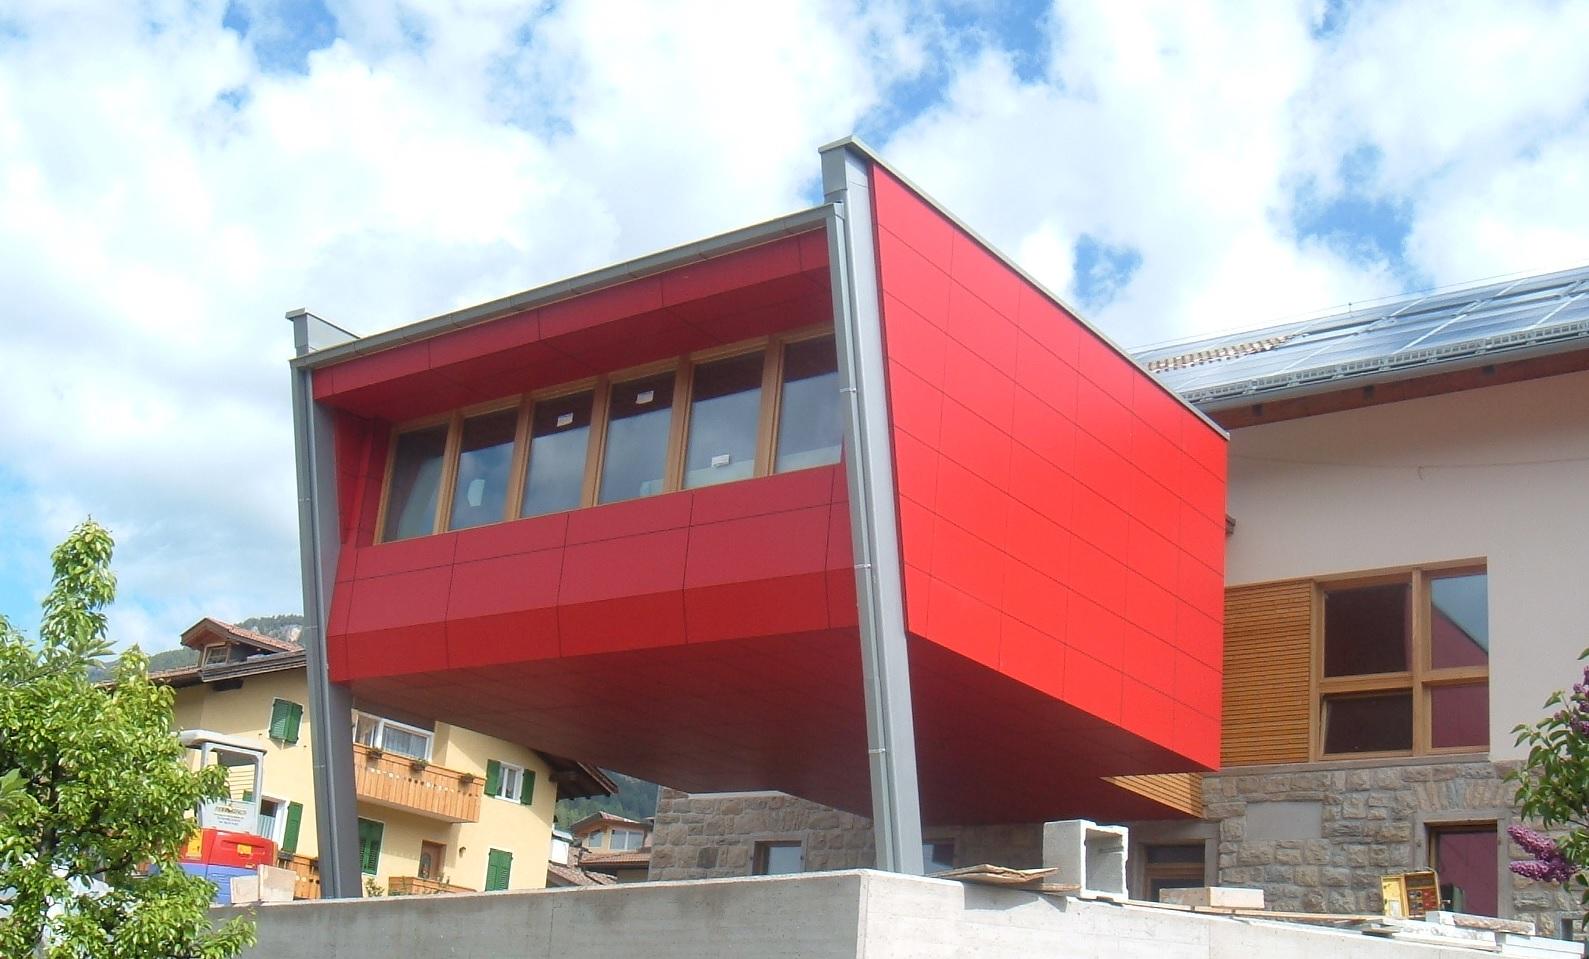 Ristrutturazione e risanamento conservativo ex caseificio Tesero